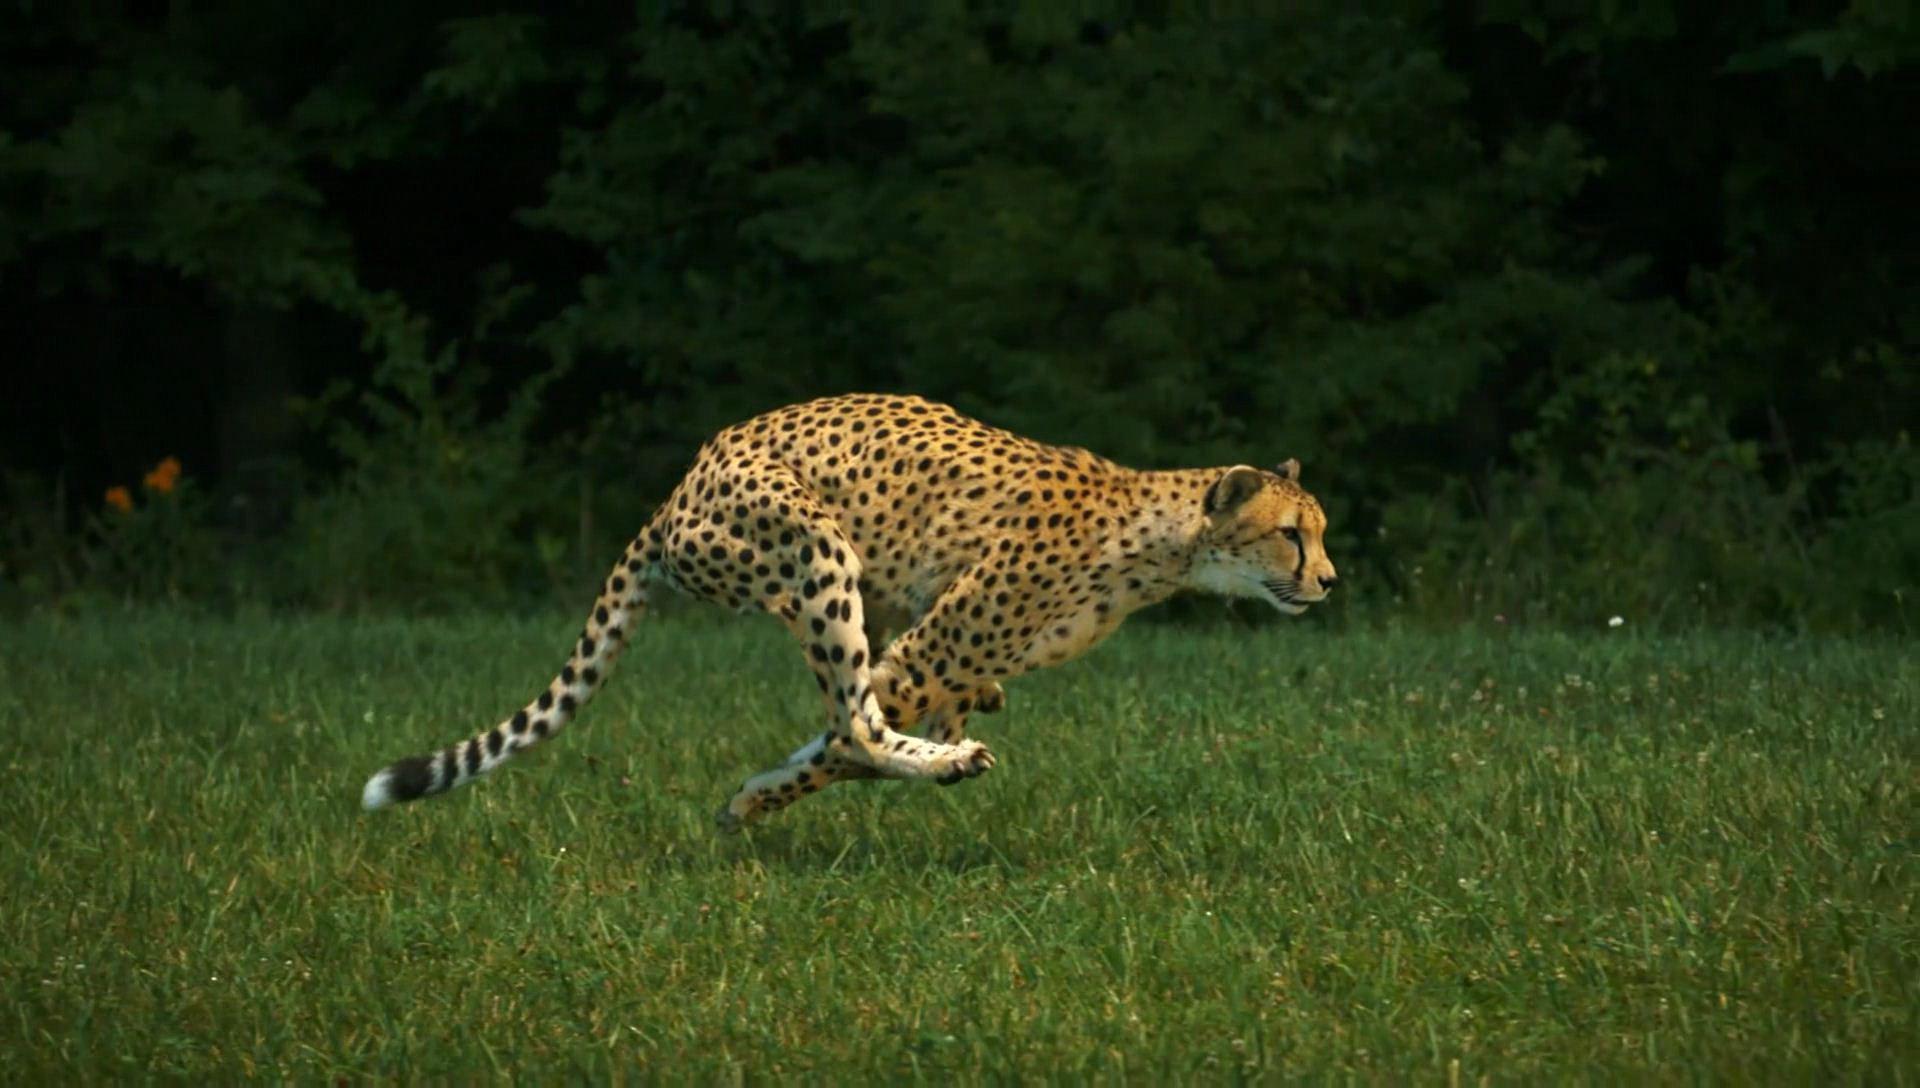 Гепард Сара - самое быстрое млекопитающее в мире - пробегает 100 метров за 5,95 сек. Но даже она не выиграет у человека состязание в беге на большой дистанции